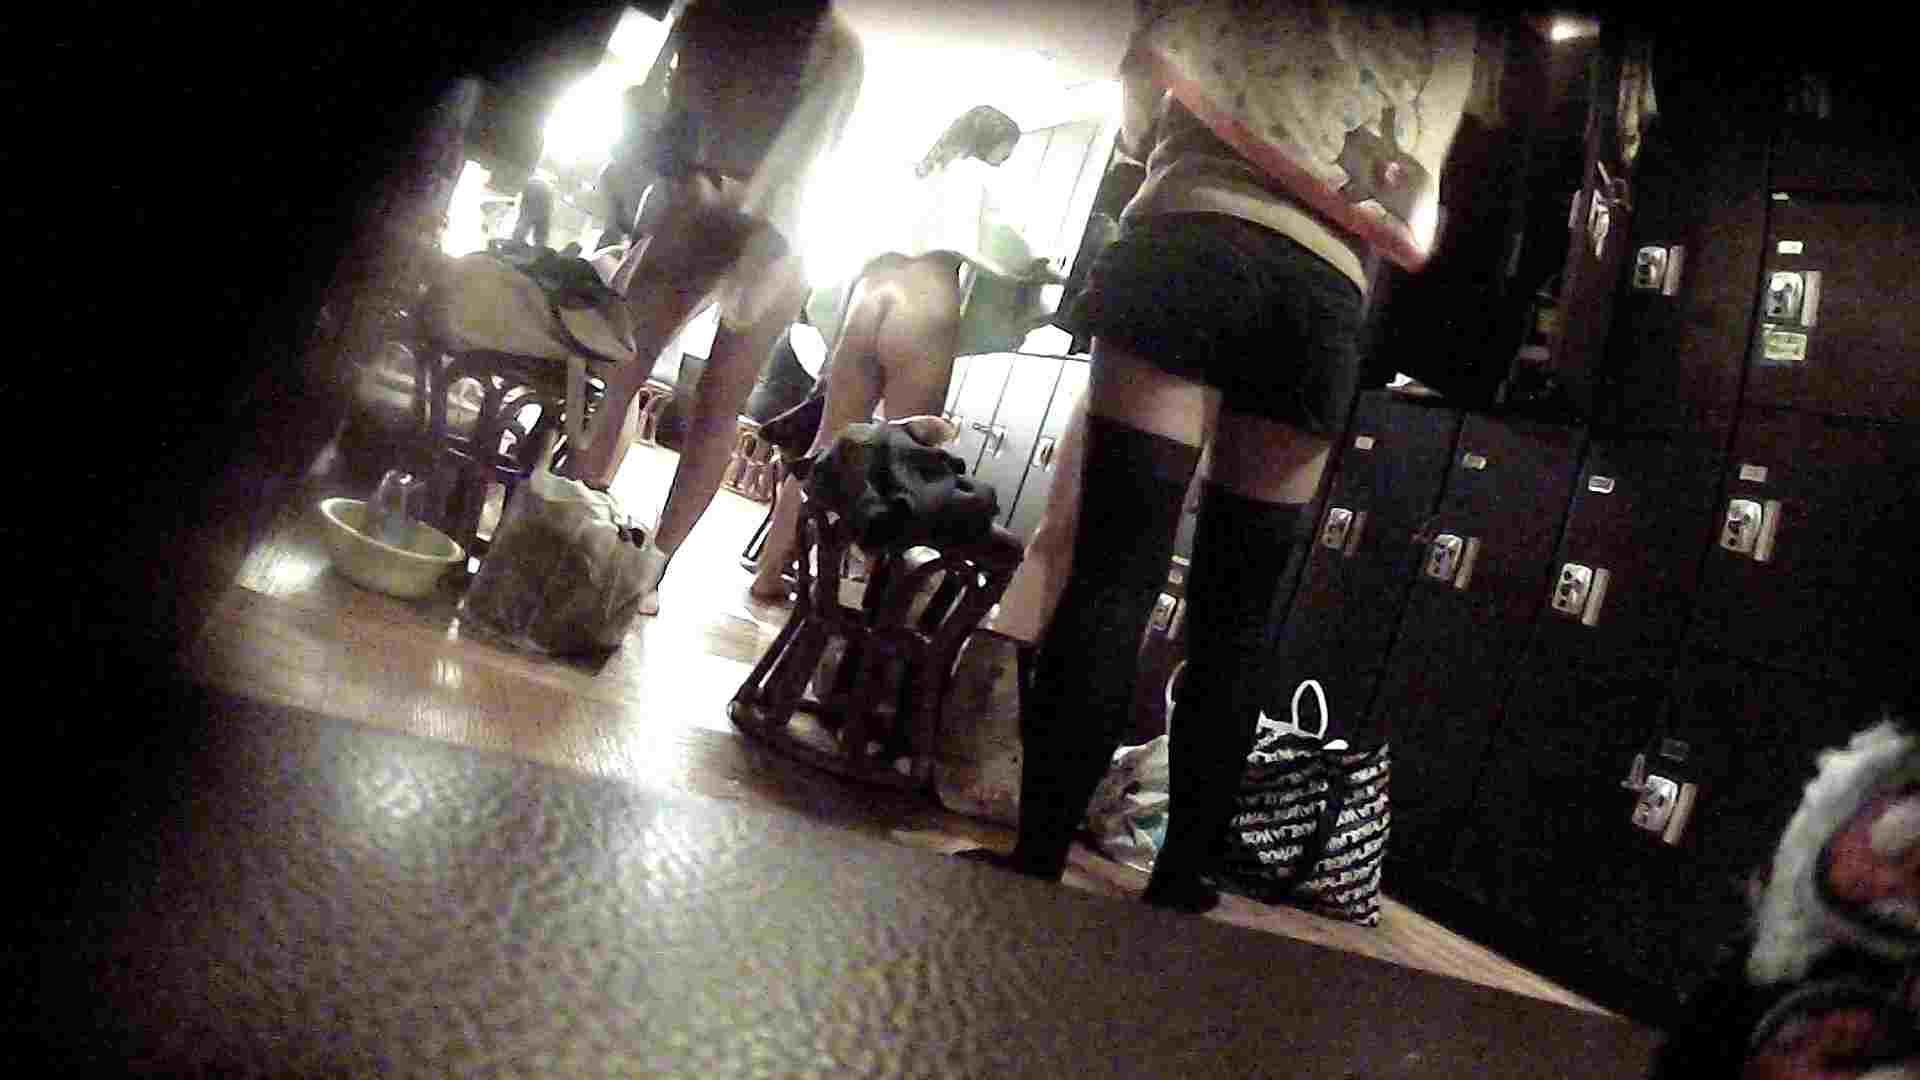 オムニバスVol.5 脱衣所のイケイケギャルがお勧め ギャル盗撮映像 | OLのボディ  97PIX 81